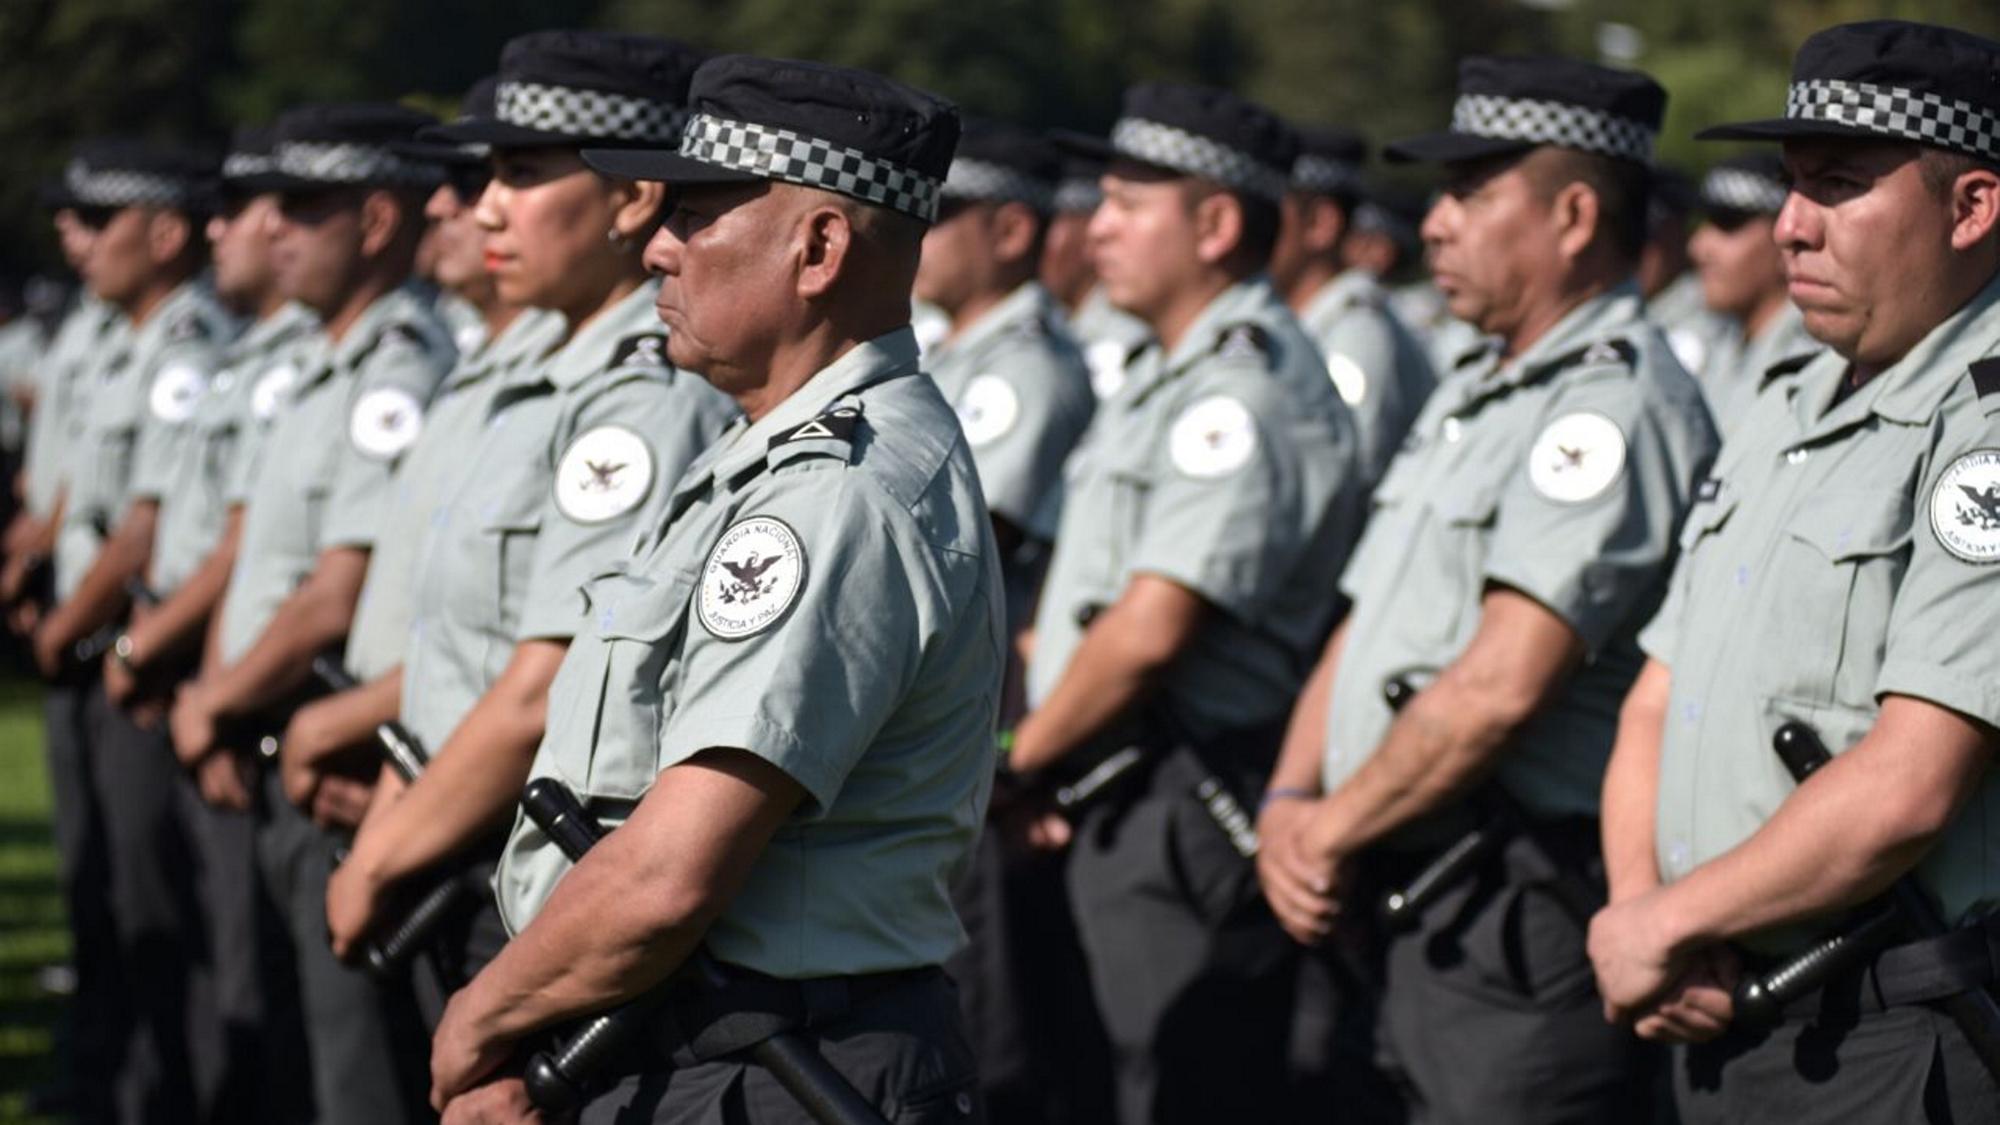 Guardia Nacional ofrece 19,000 pesos mensuales para unirse a sus filas